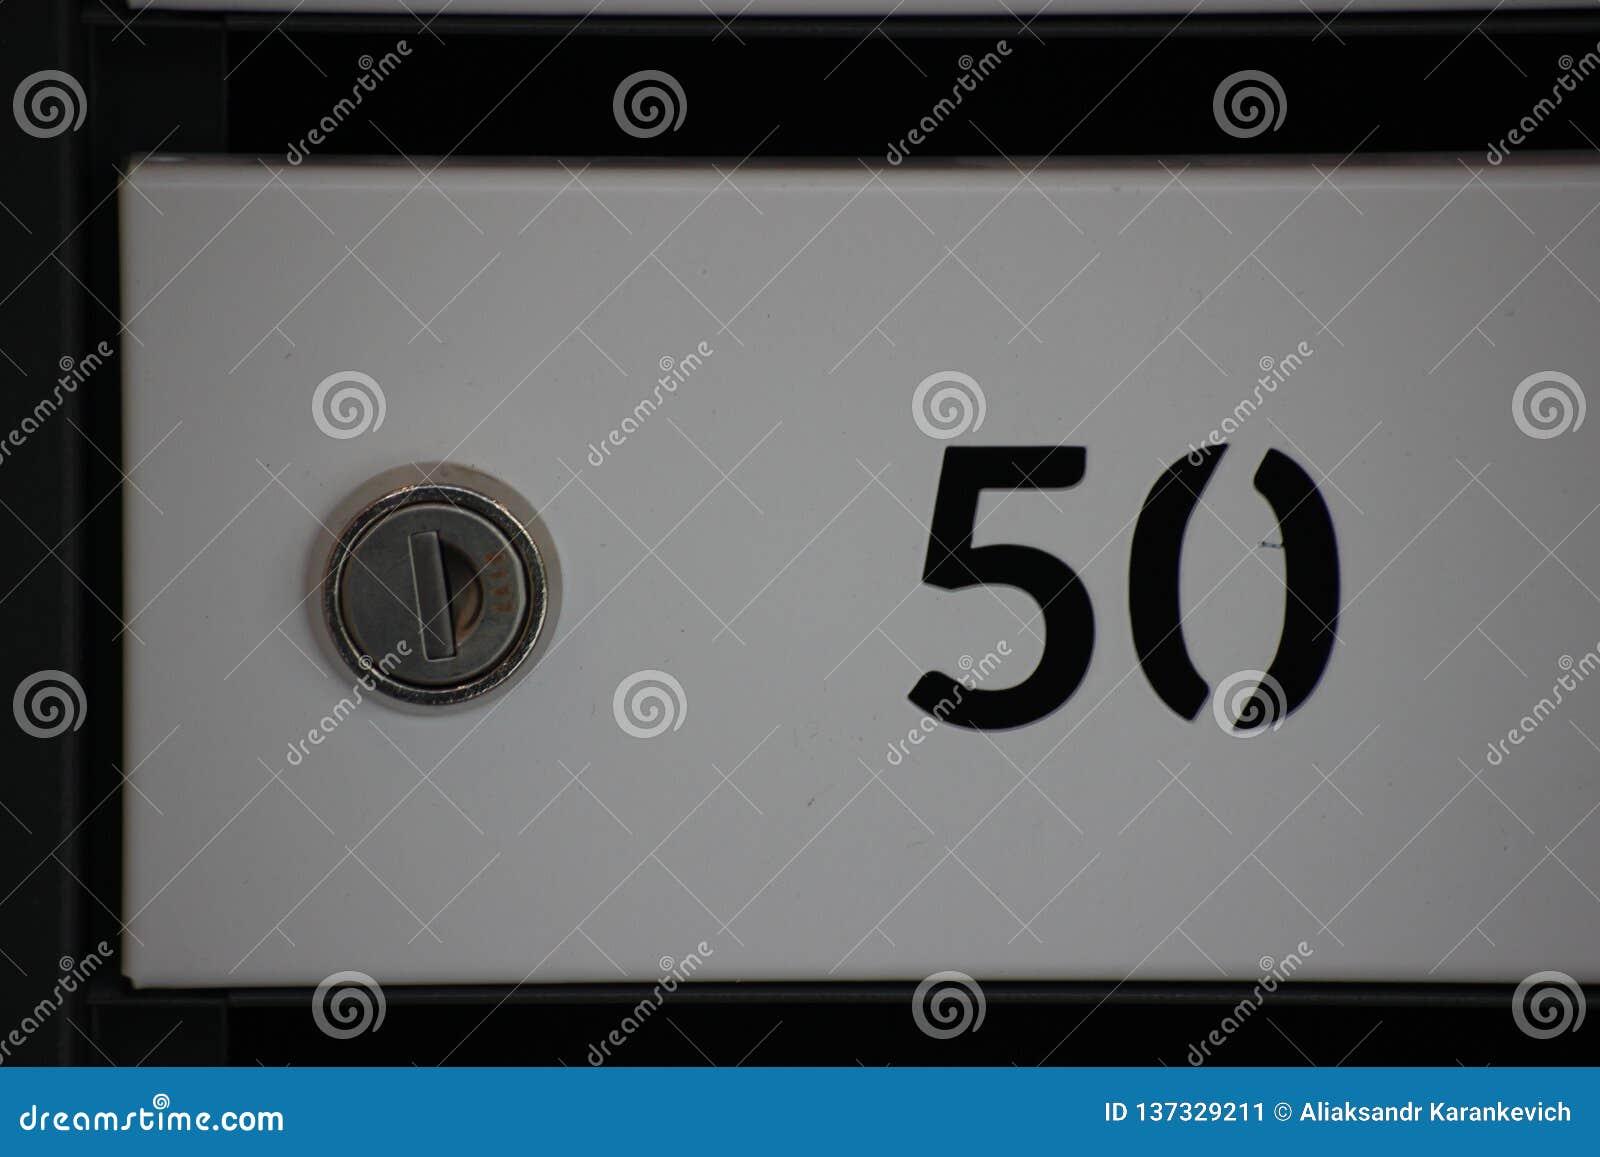 Nummerask för post, separat samling av jordlotter och bokstäver och tidningar i envåning byggnad ask med låset och